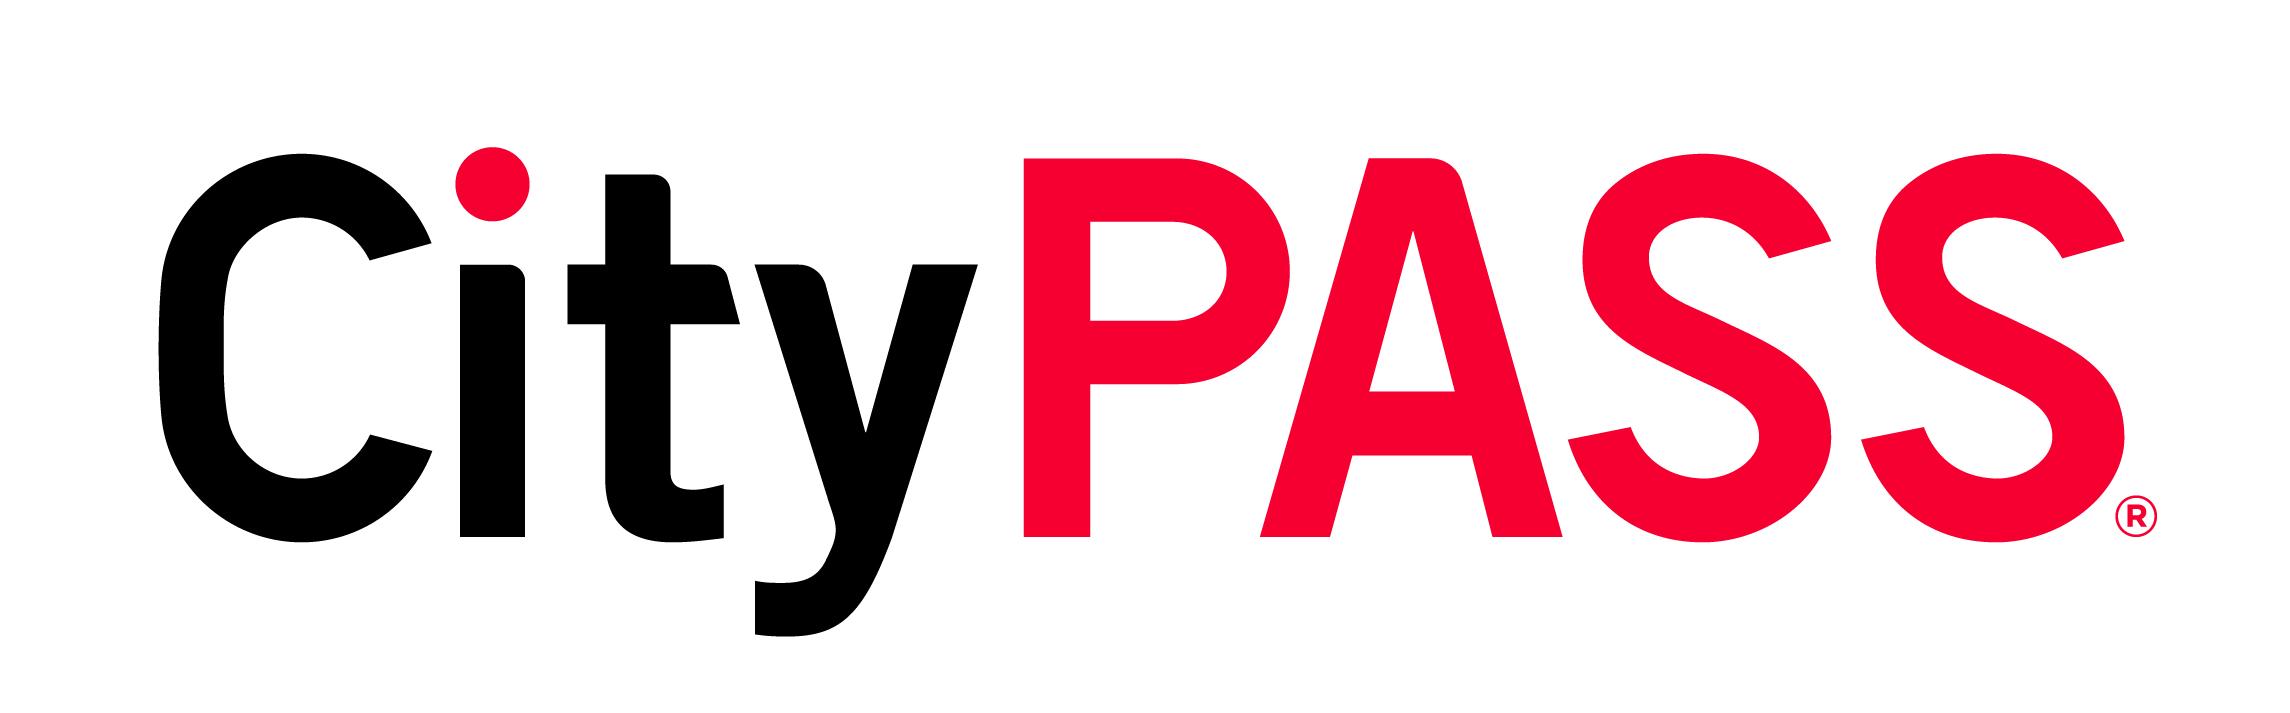 citypass-logo.jpg